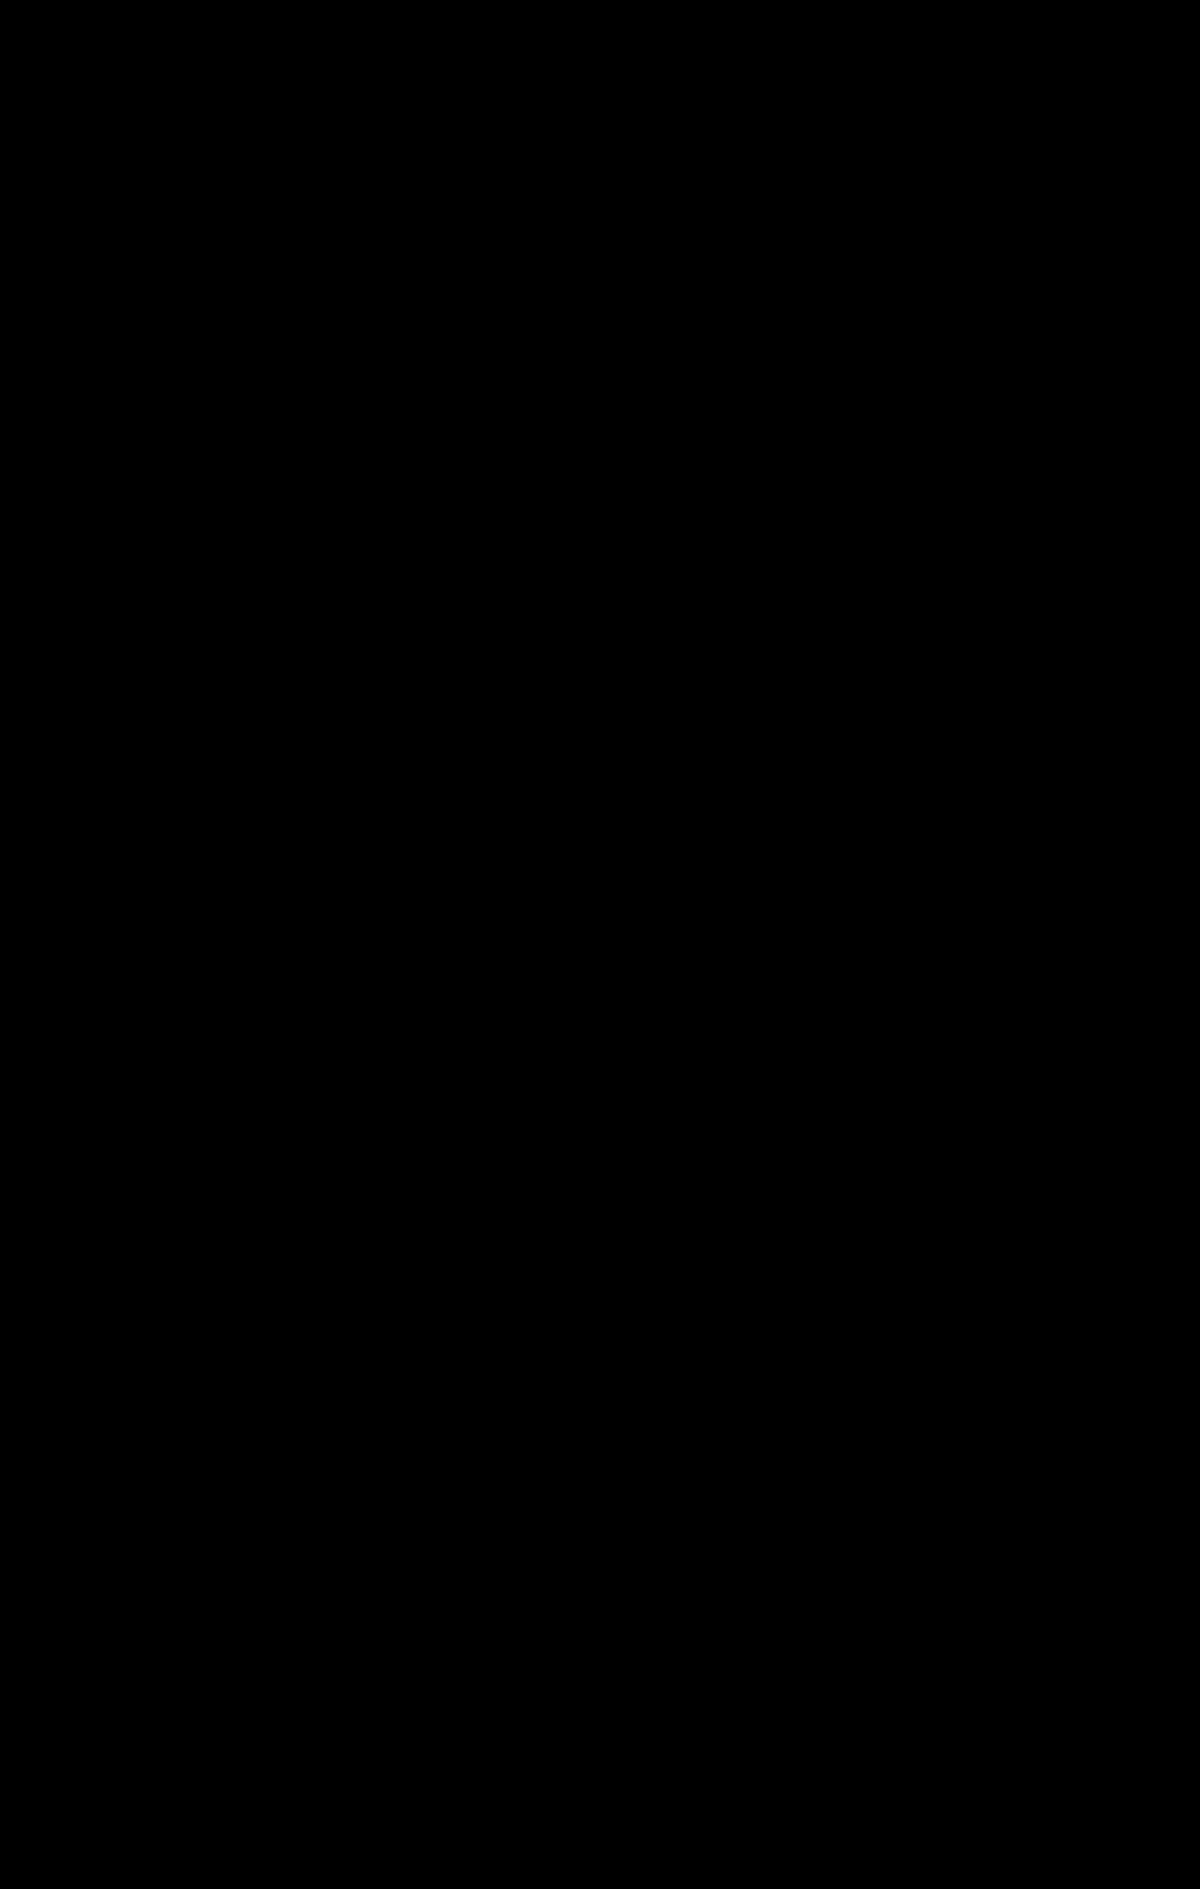 картинки образ человека чернобелые дизайн коттеджа